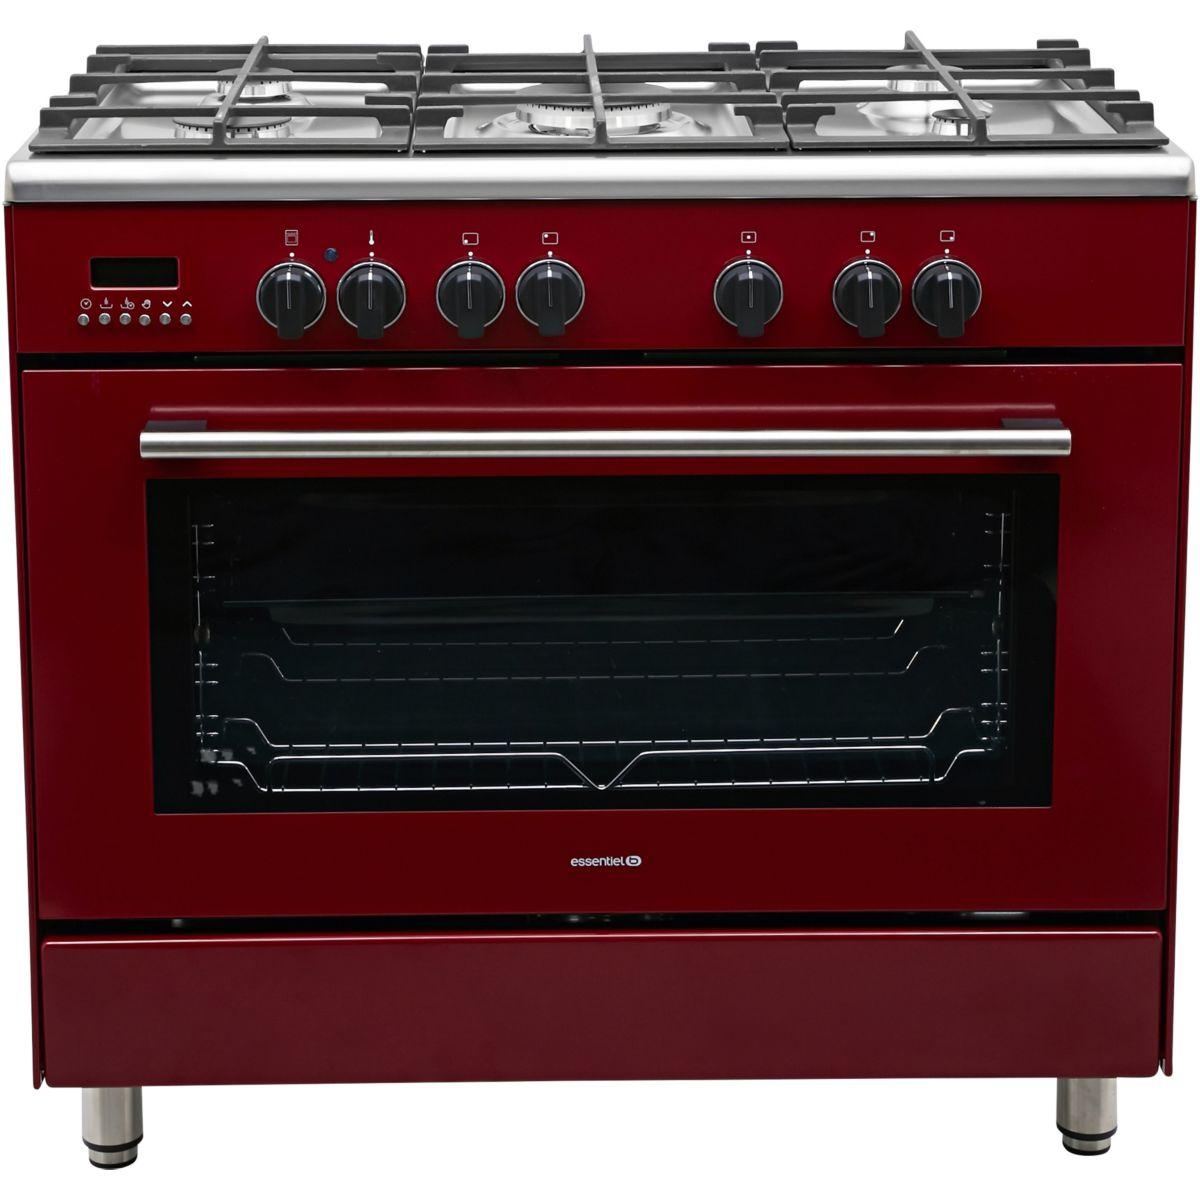 Piano de cuisson mixte ESSENTIELB EMCG 914r